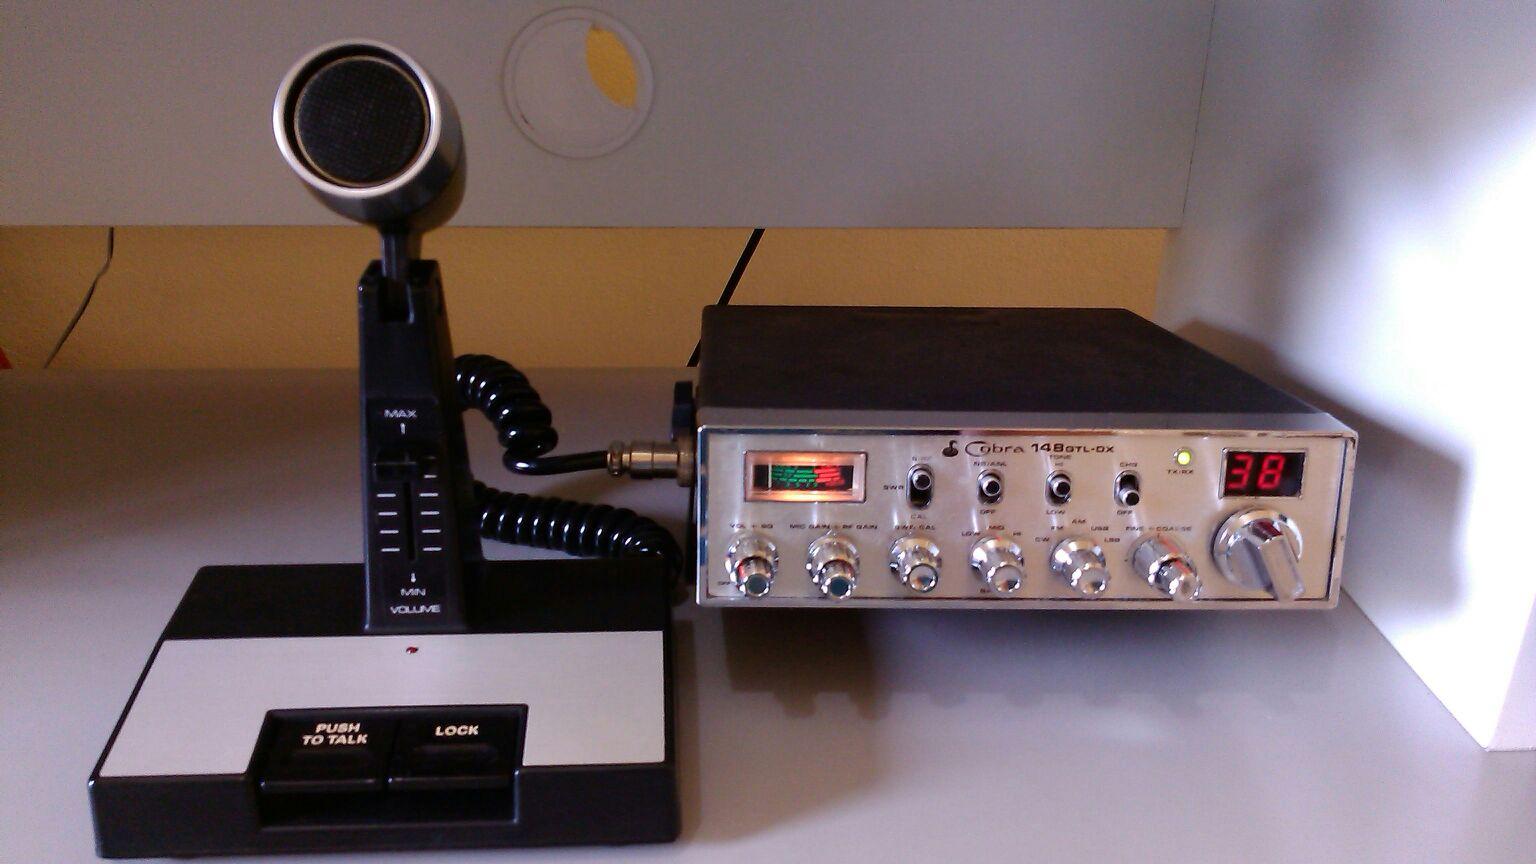 NOVO RADIO NO QTH, KIT COMPLETO DA DÉCADA DE 80